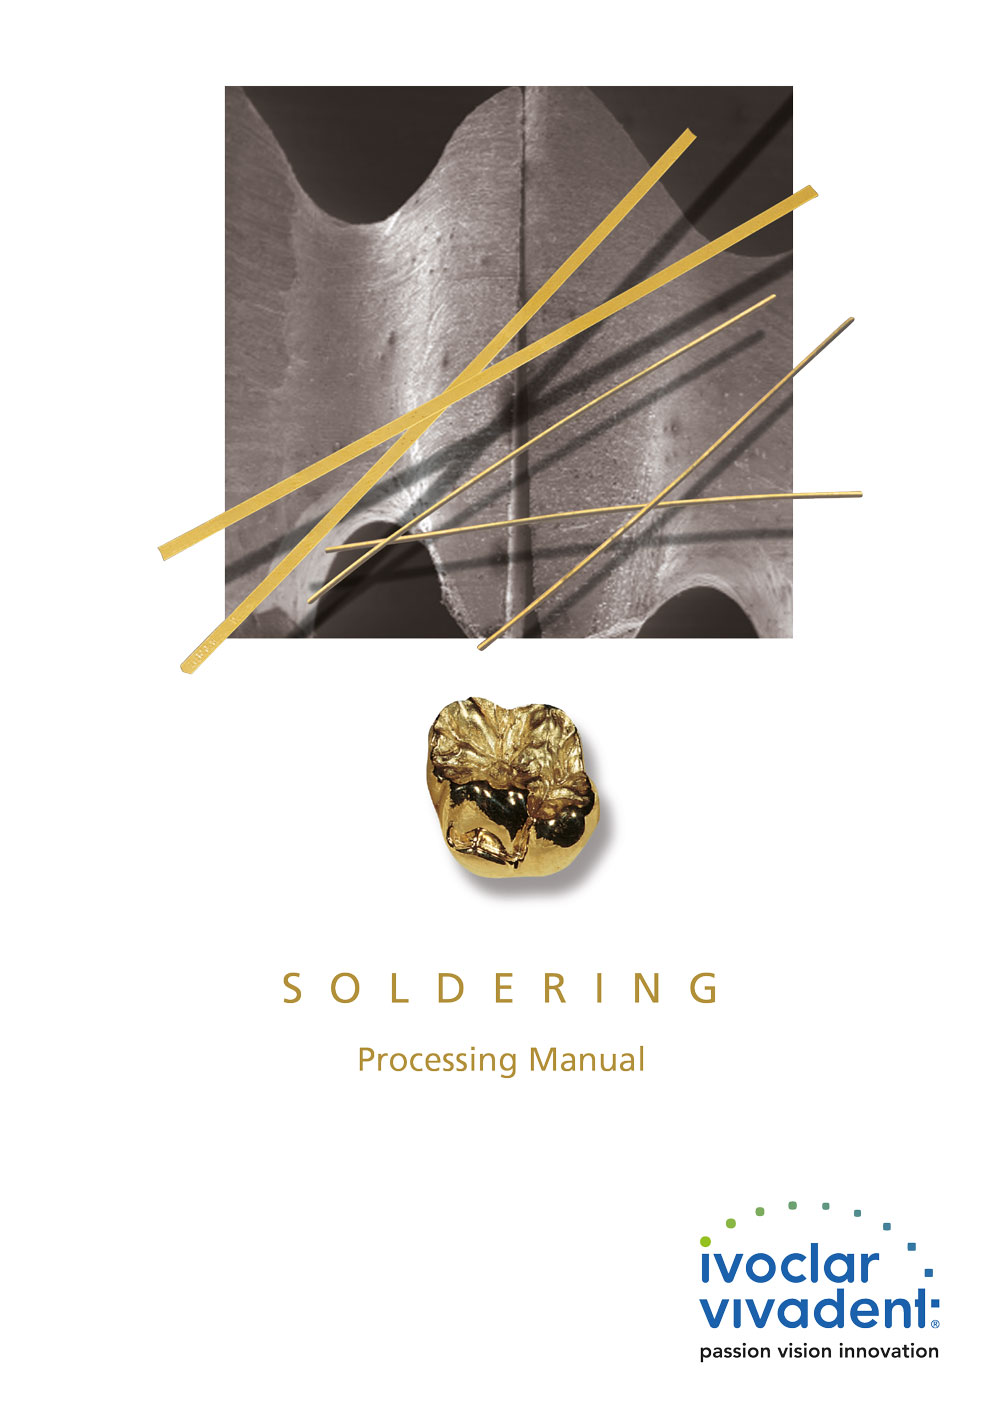 Processing Manual Soldering